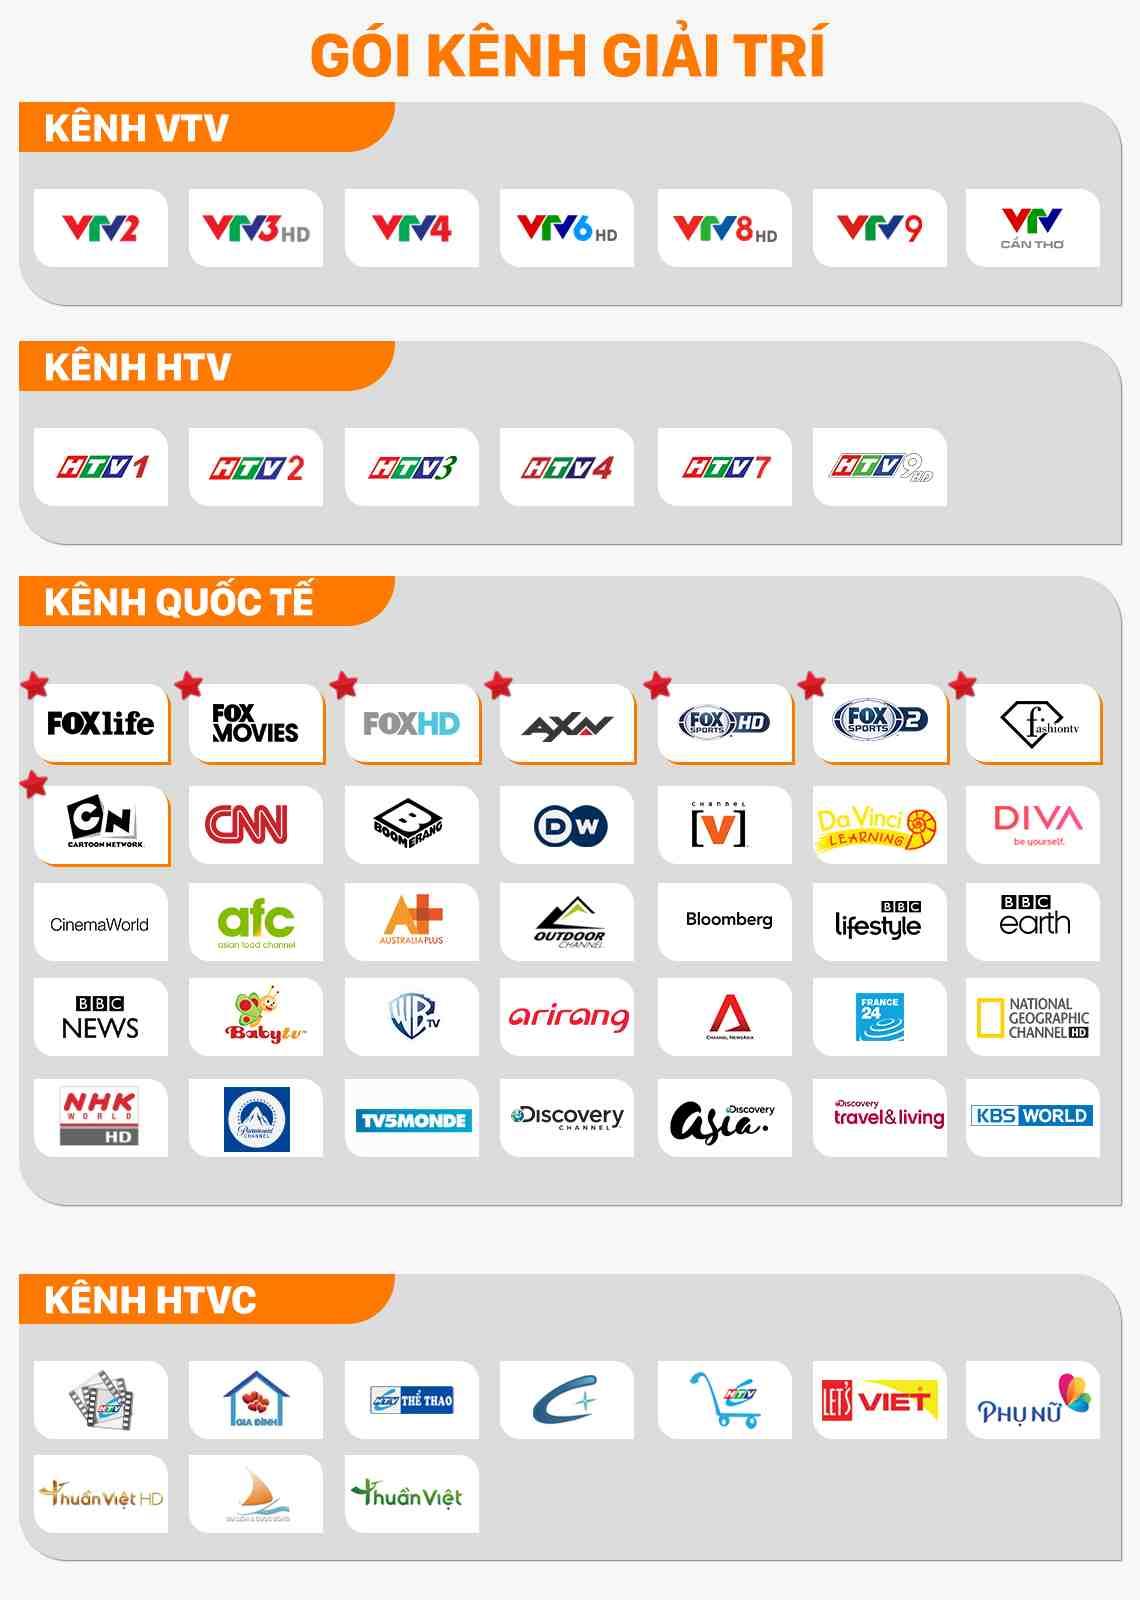 Gói kênh giải trí trên FPT Play Box